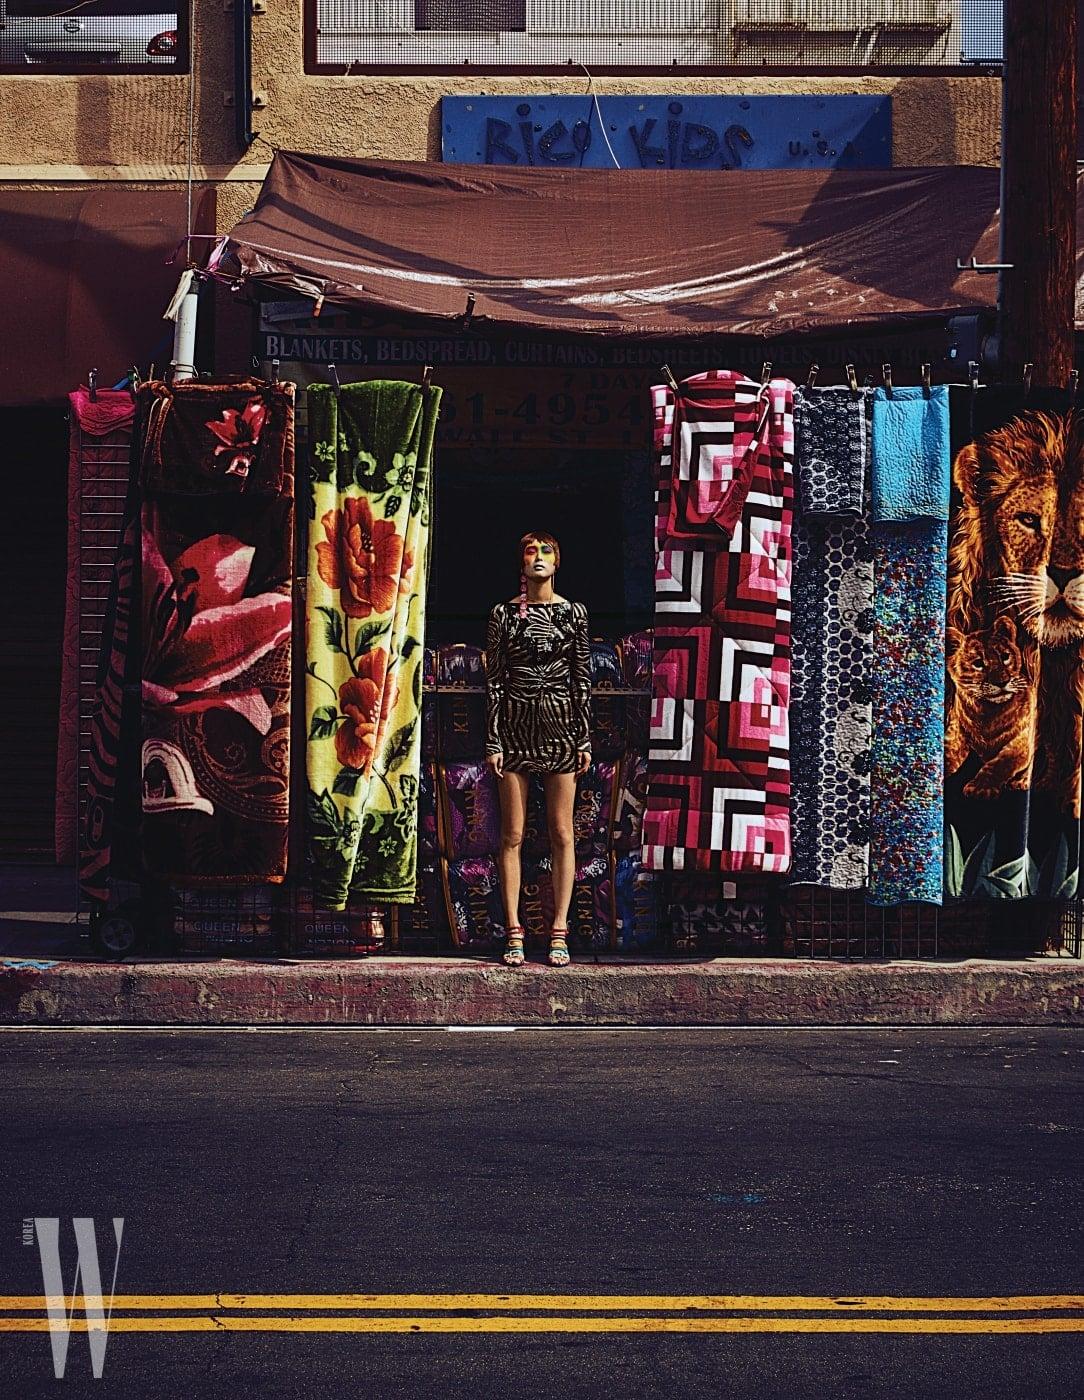 드레스는 Marc Jacobs, 샌들은 Hermes, 분홍색 귀고리는 Lucky Chouette, 골드 귀고리는 Numbering 제품.